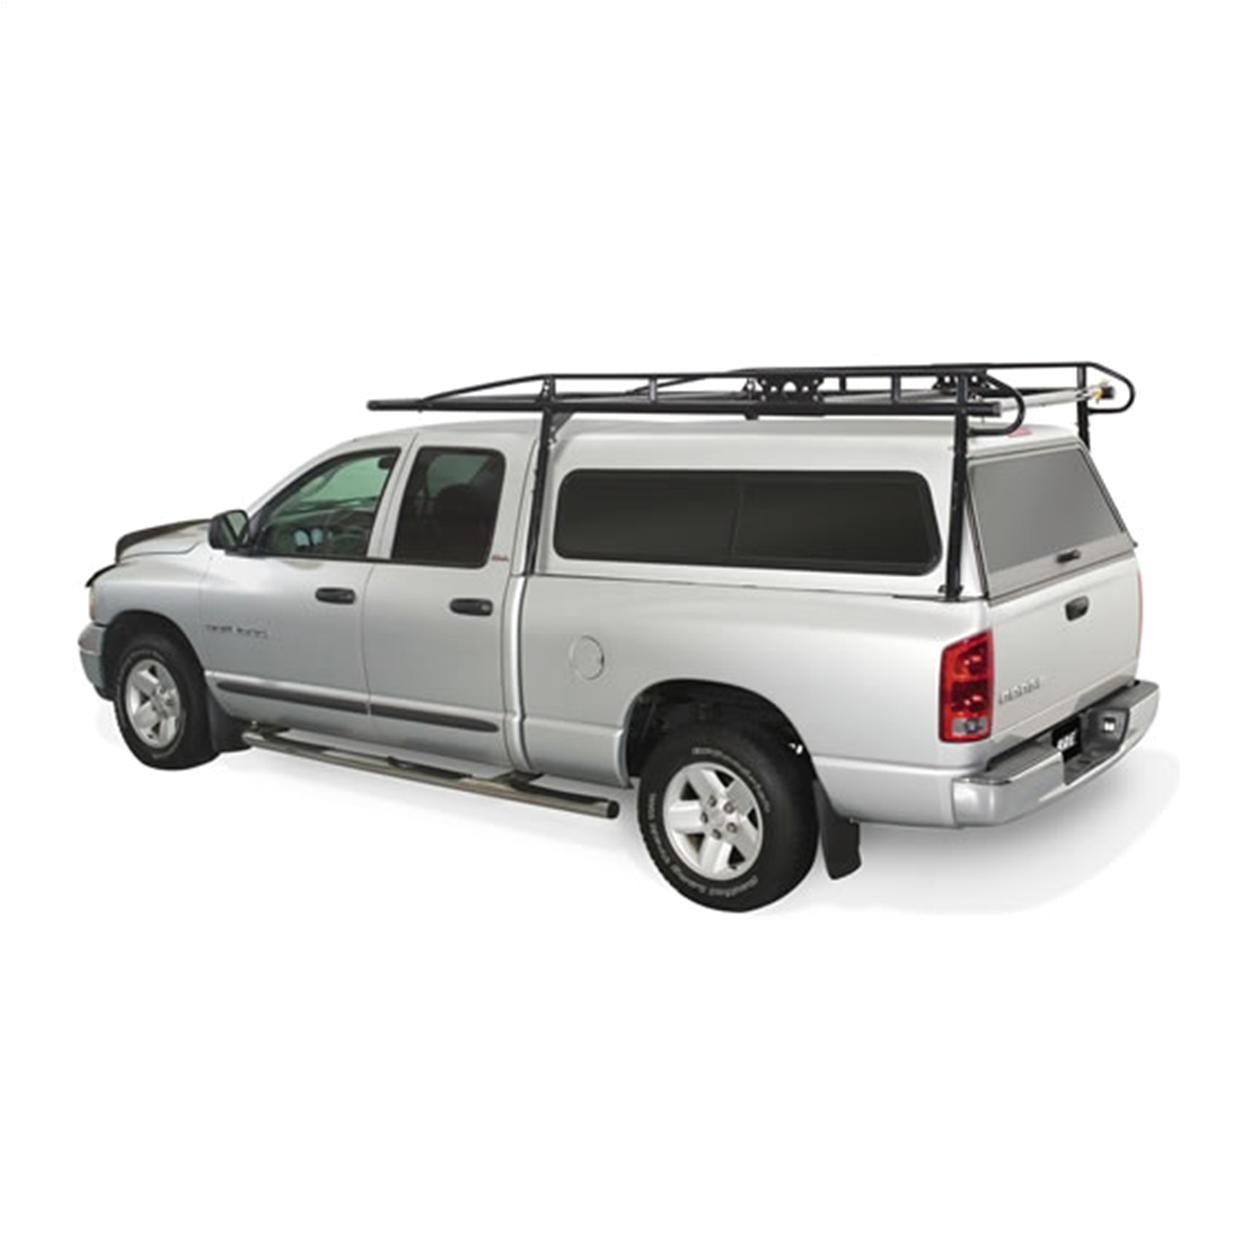 kargo master heavy duty pro ii pickup truck topper ladder rack for full size trucks image